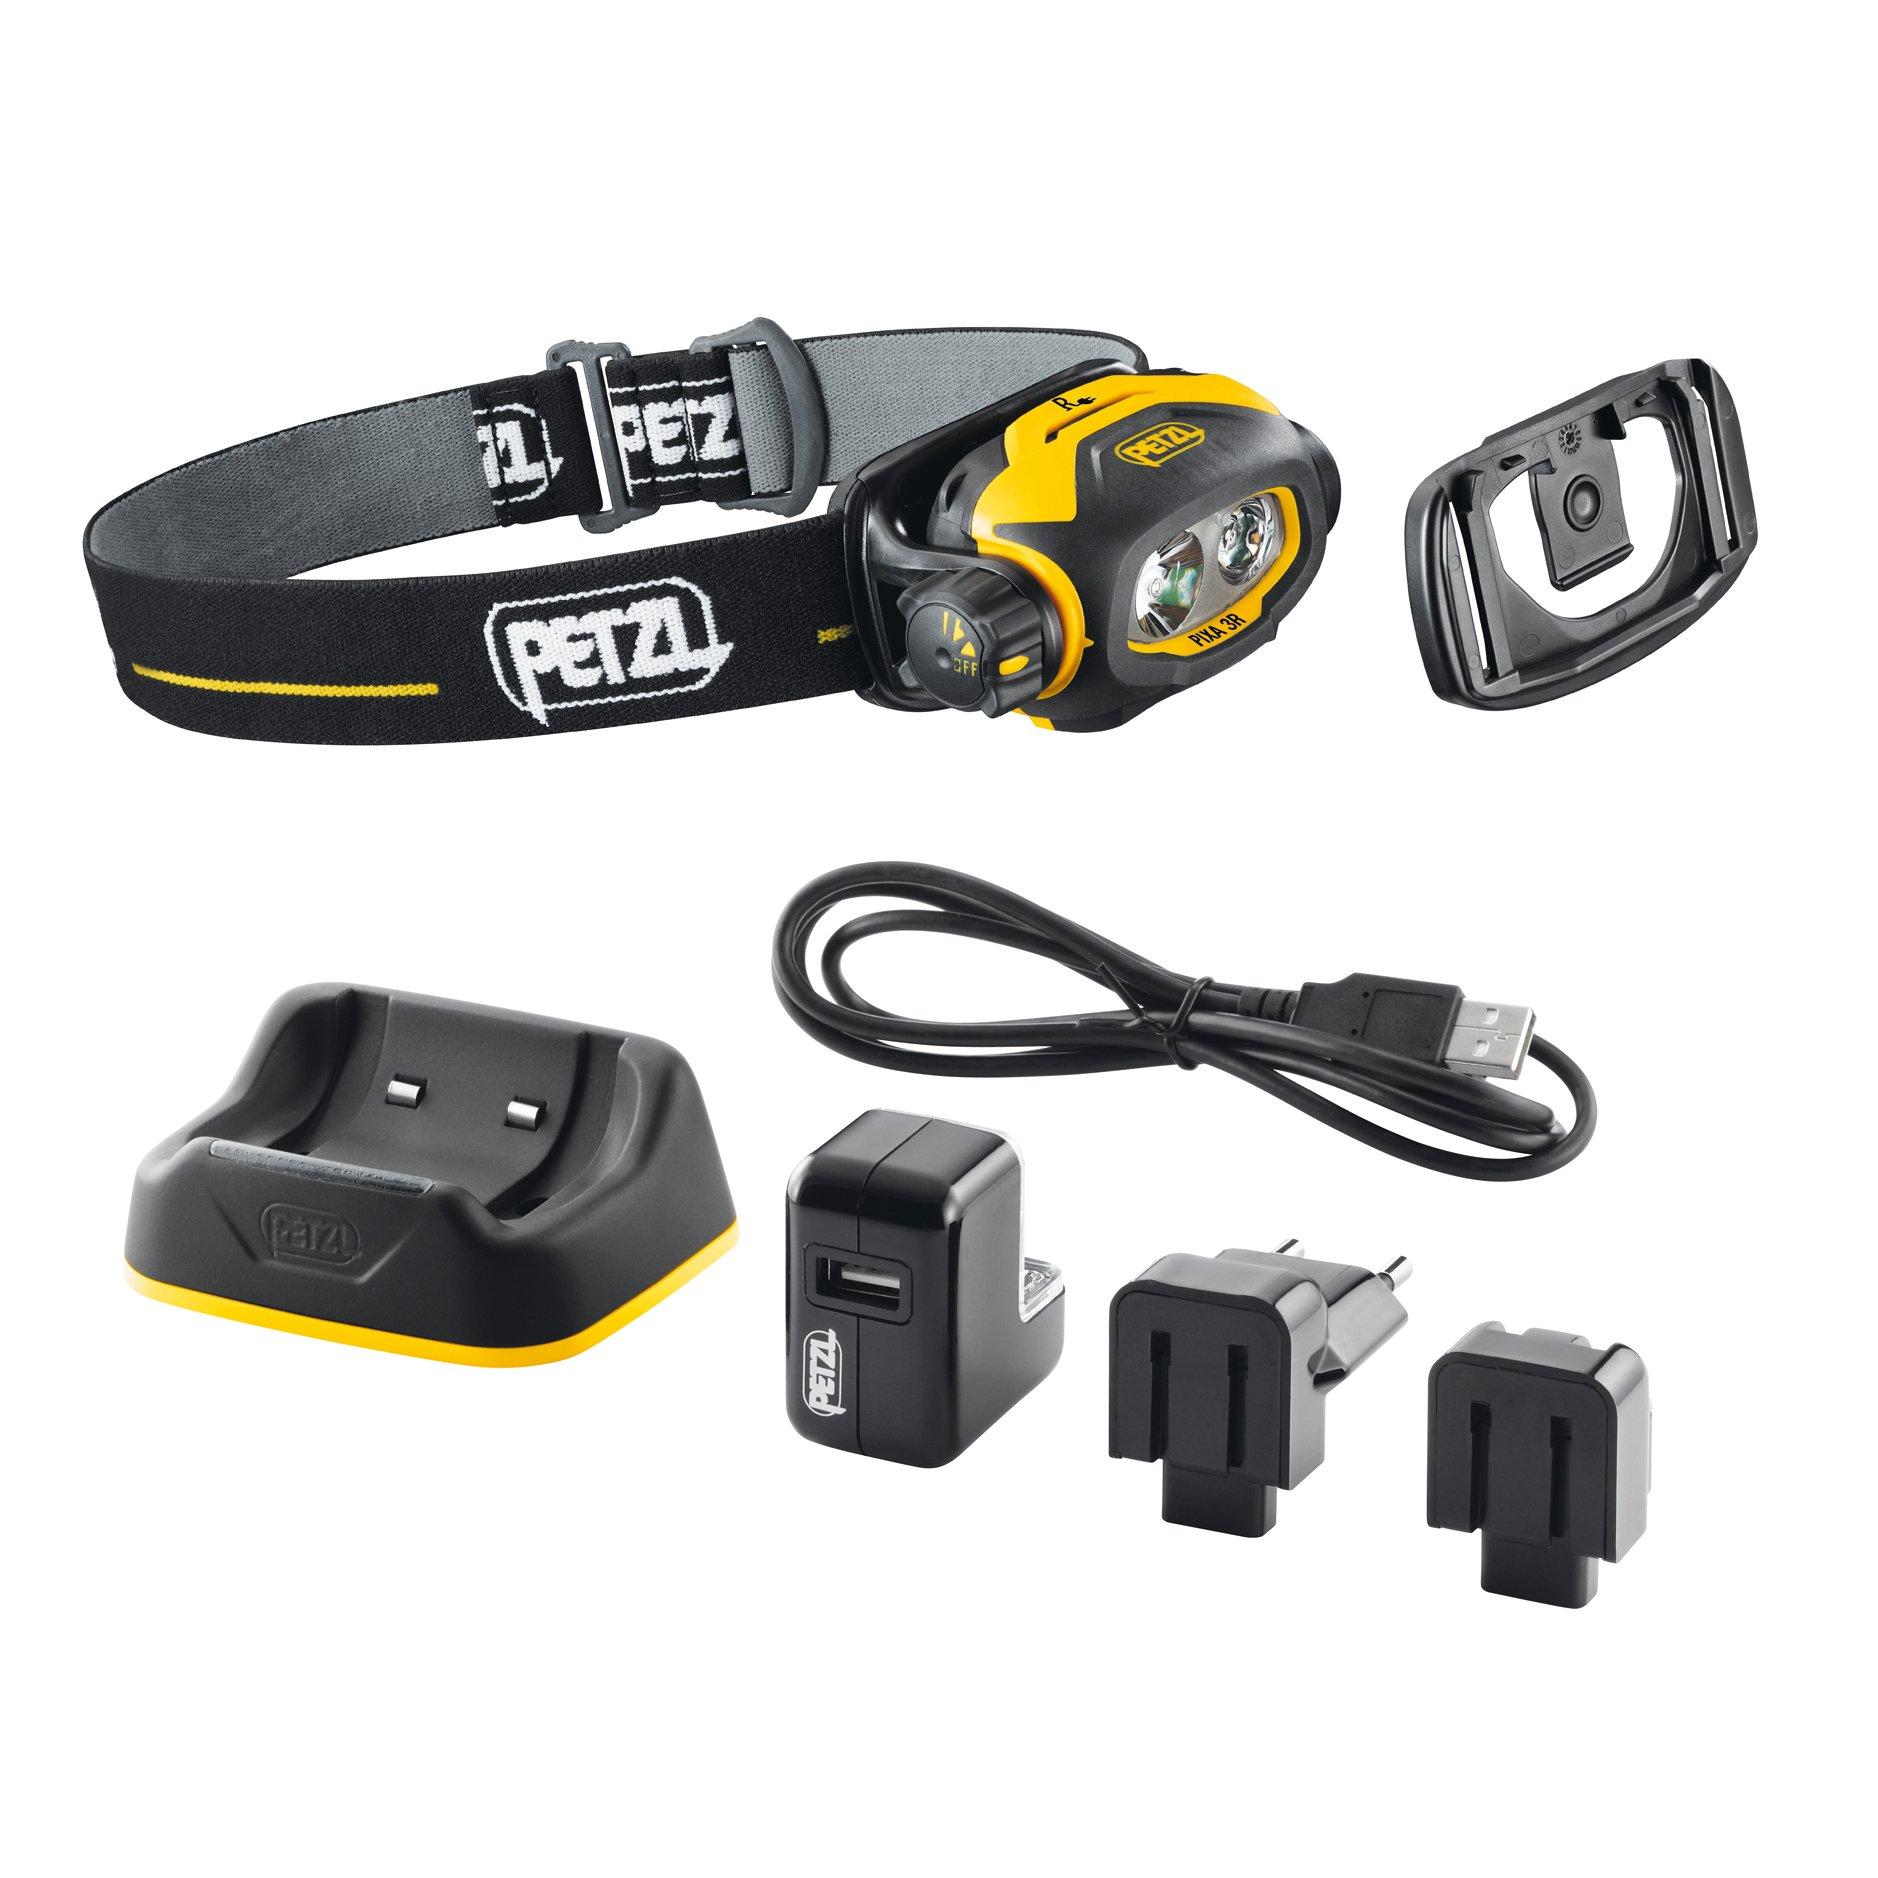 Petzl PIXA 3 ACCU pro headlamp by Petzl (Image #1)